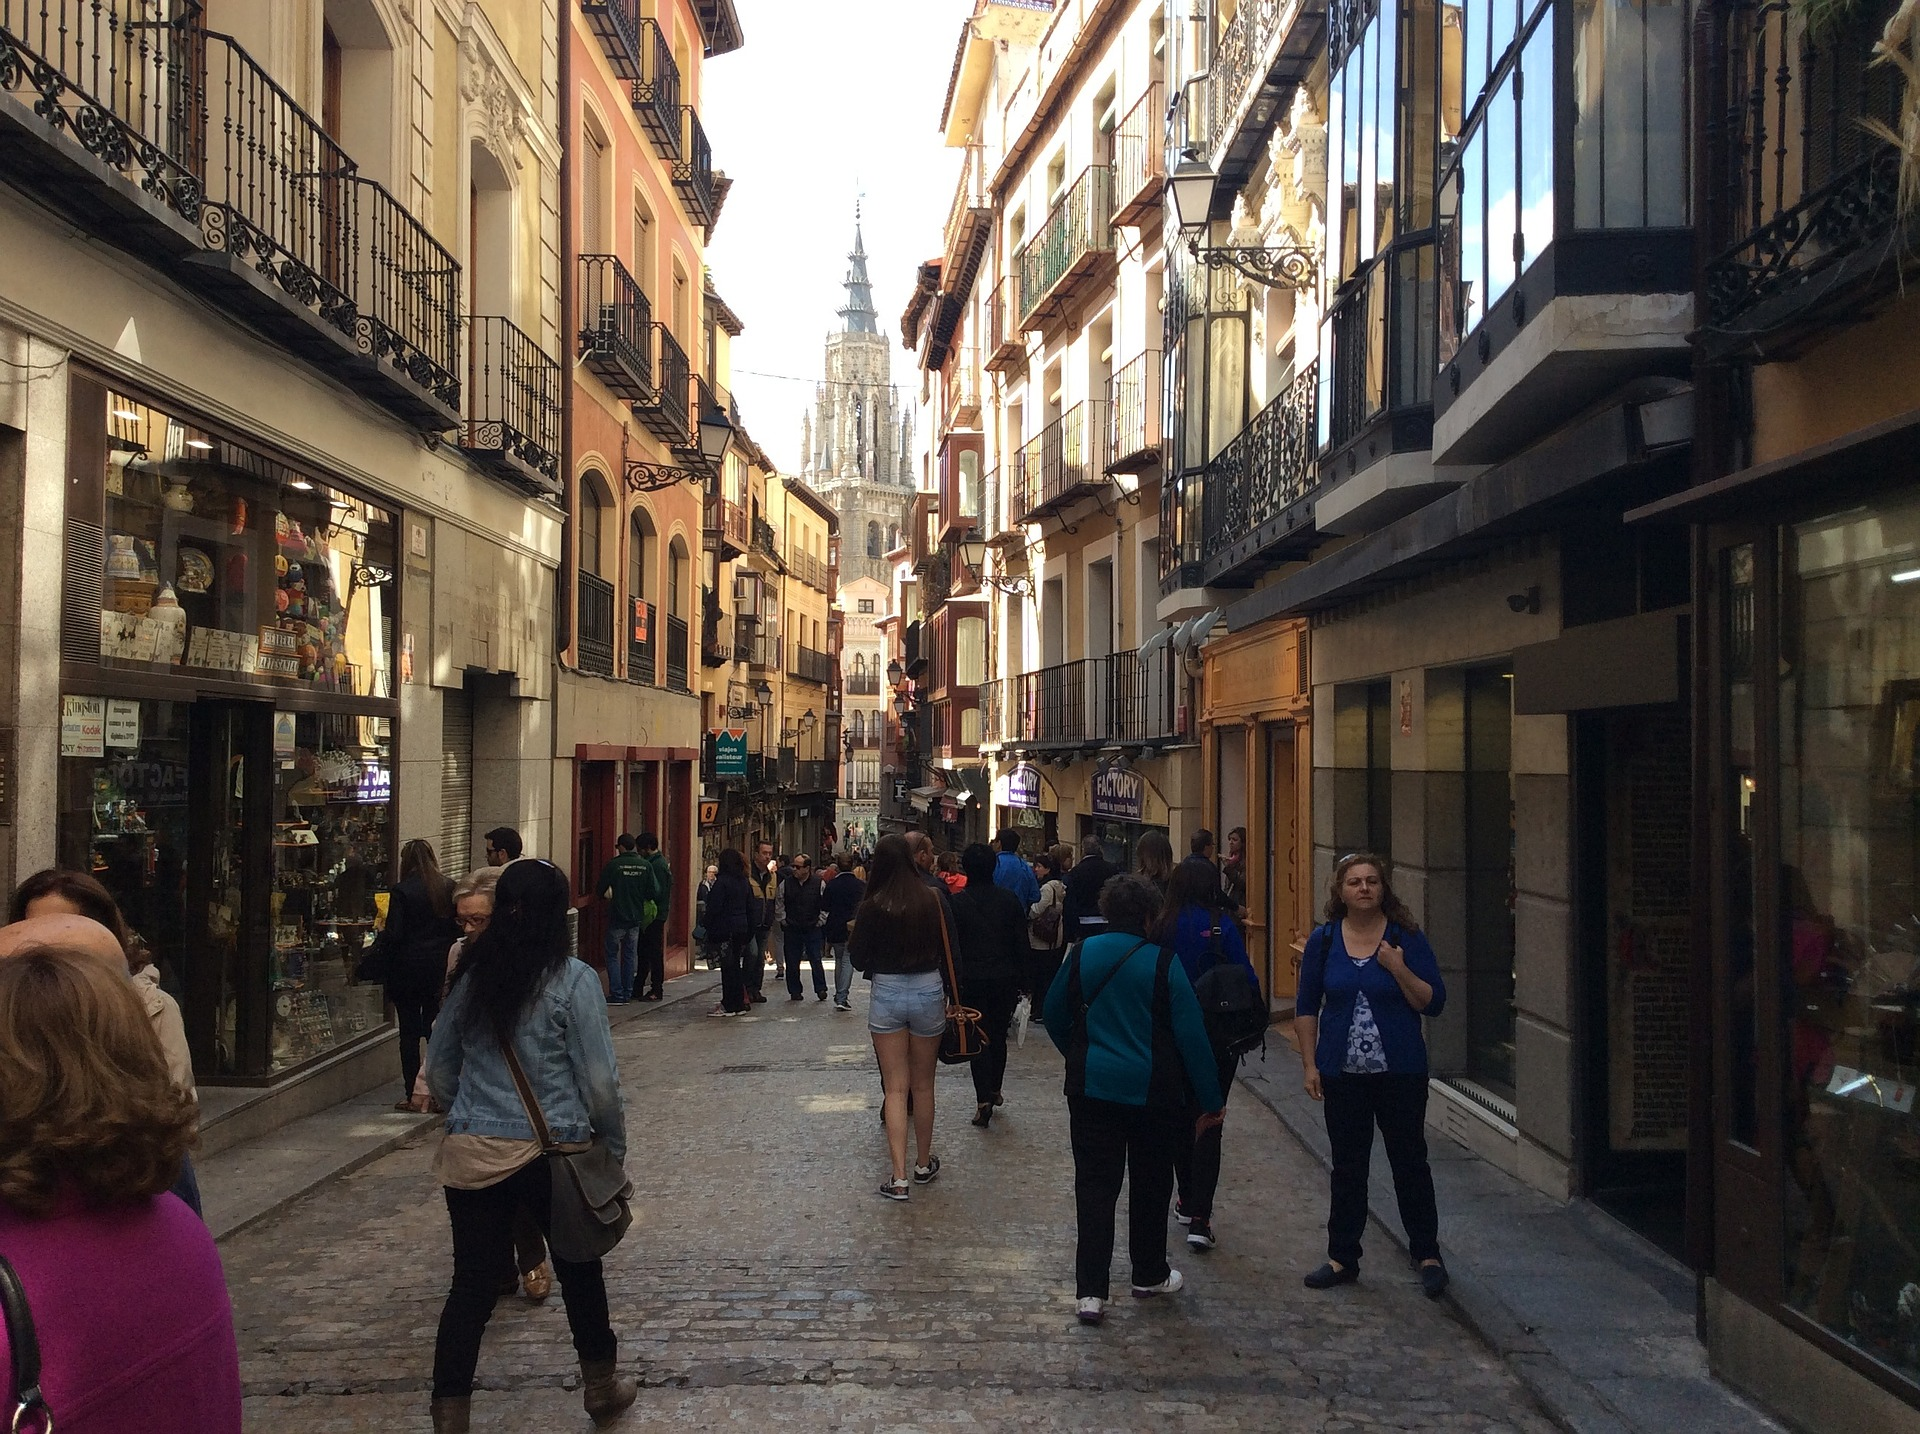 El comercio local da vida a las calles y ofrece la mejor atención al consumidor